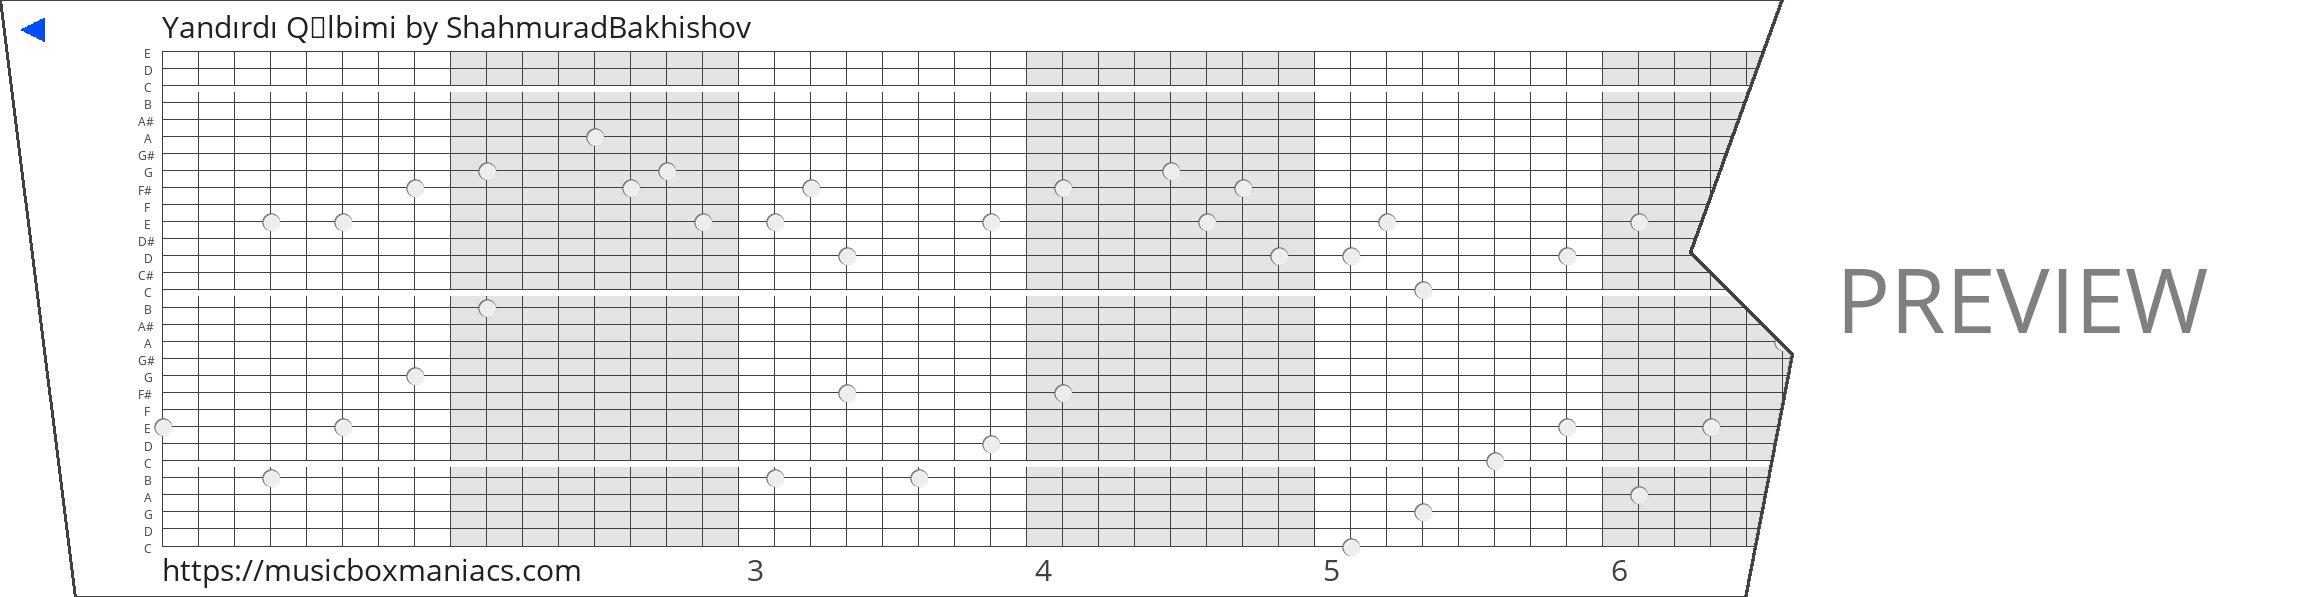 Yandırdı Qəlbimi 30 note music box paper strip